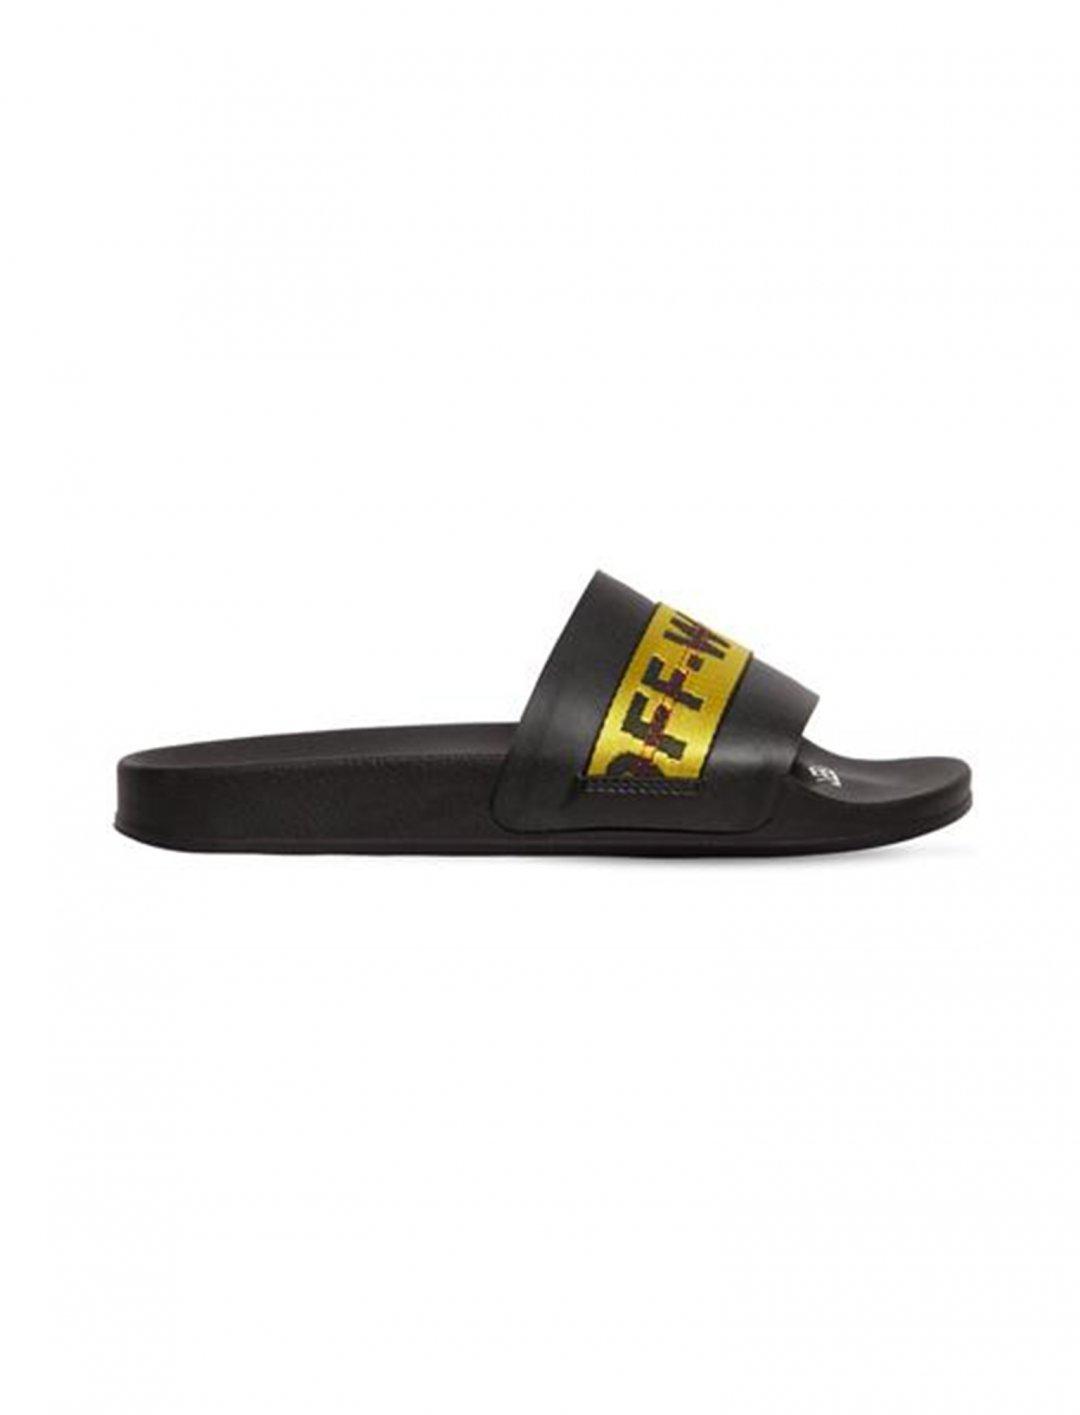 Manj Musik' Slide Sandals Shoes Off-White